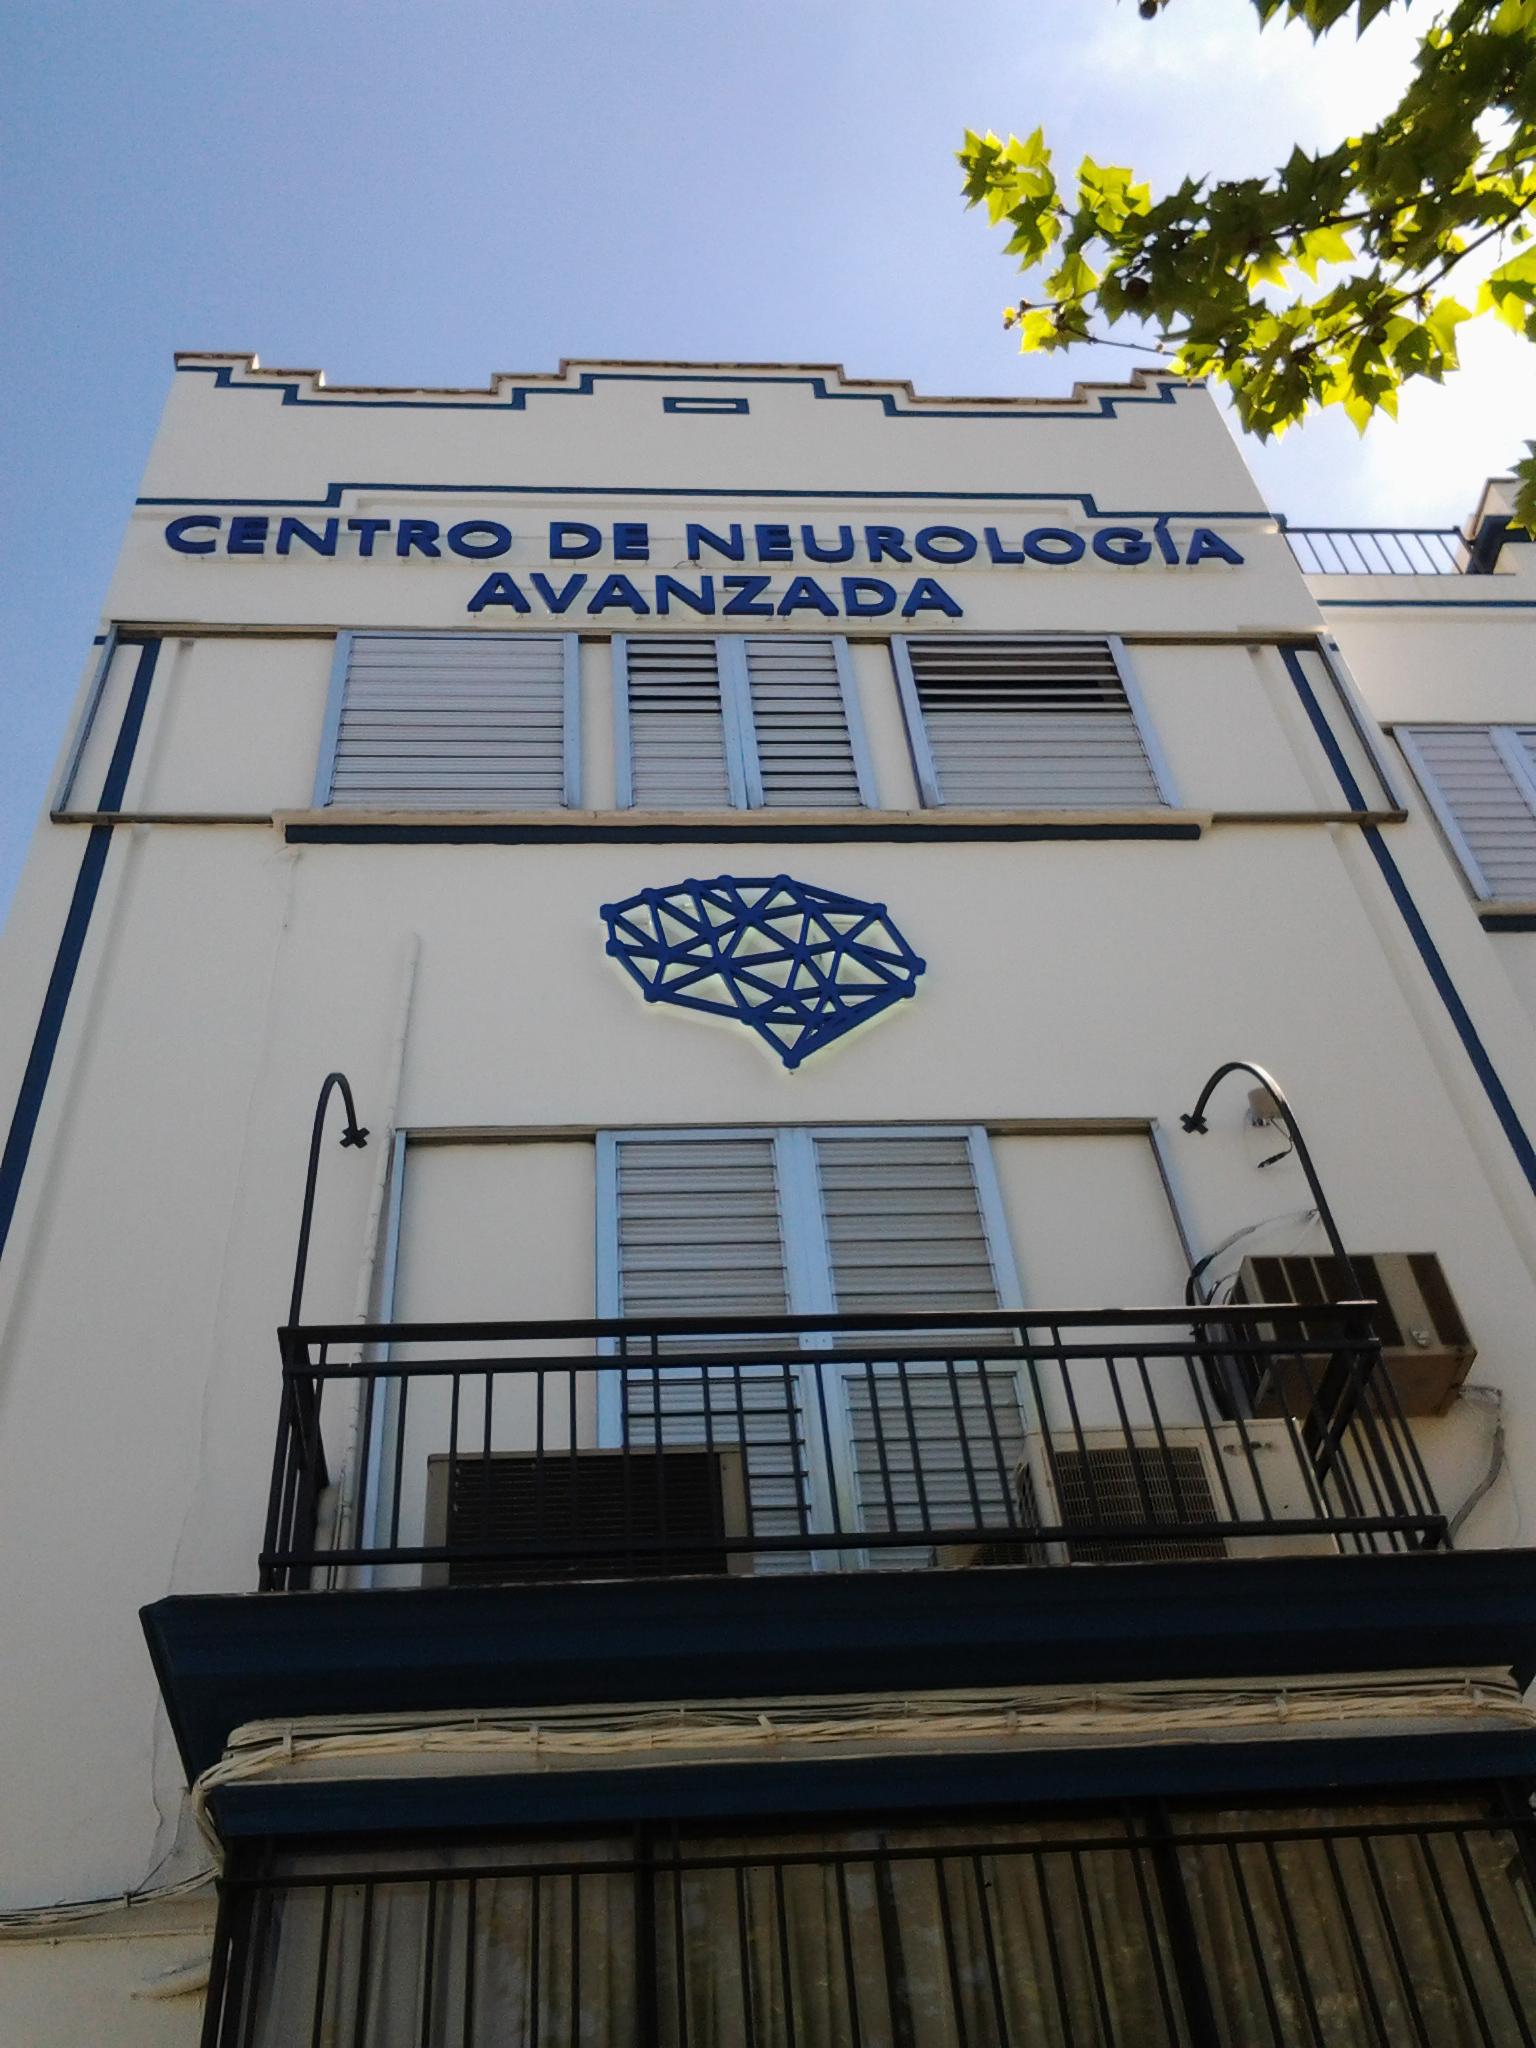 Centro-de-neurologia2